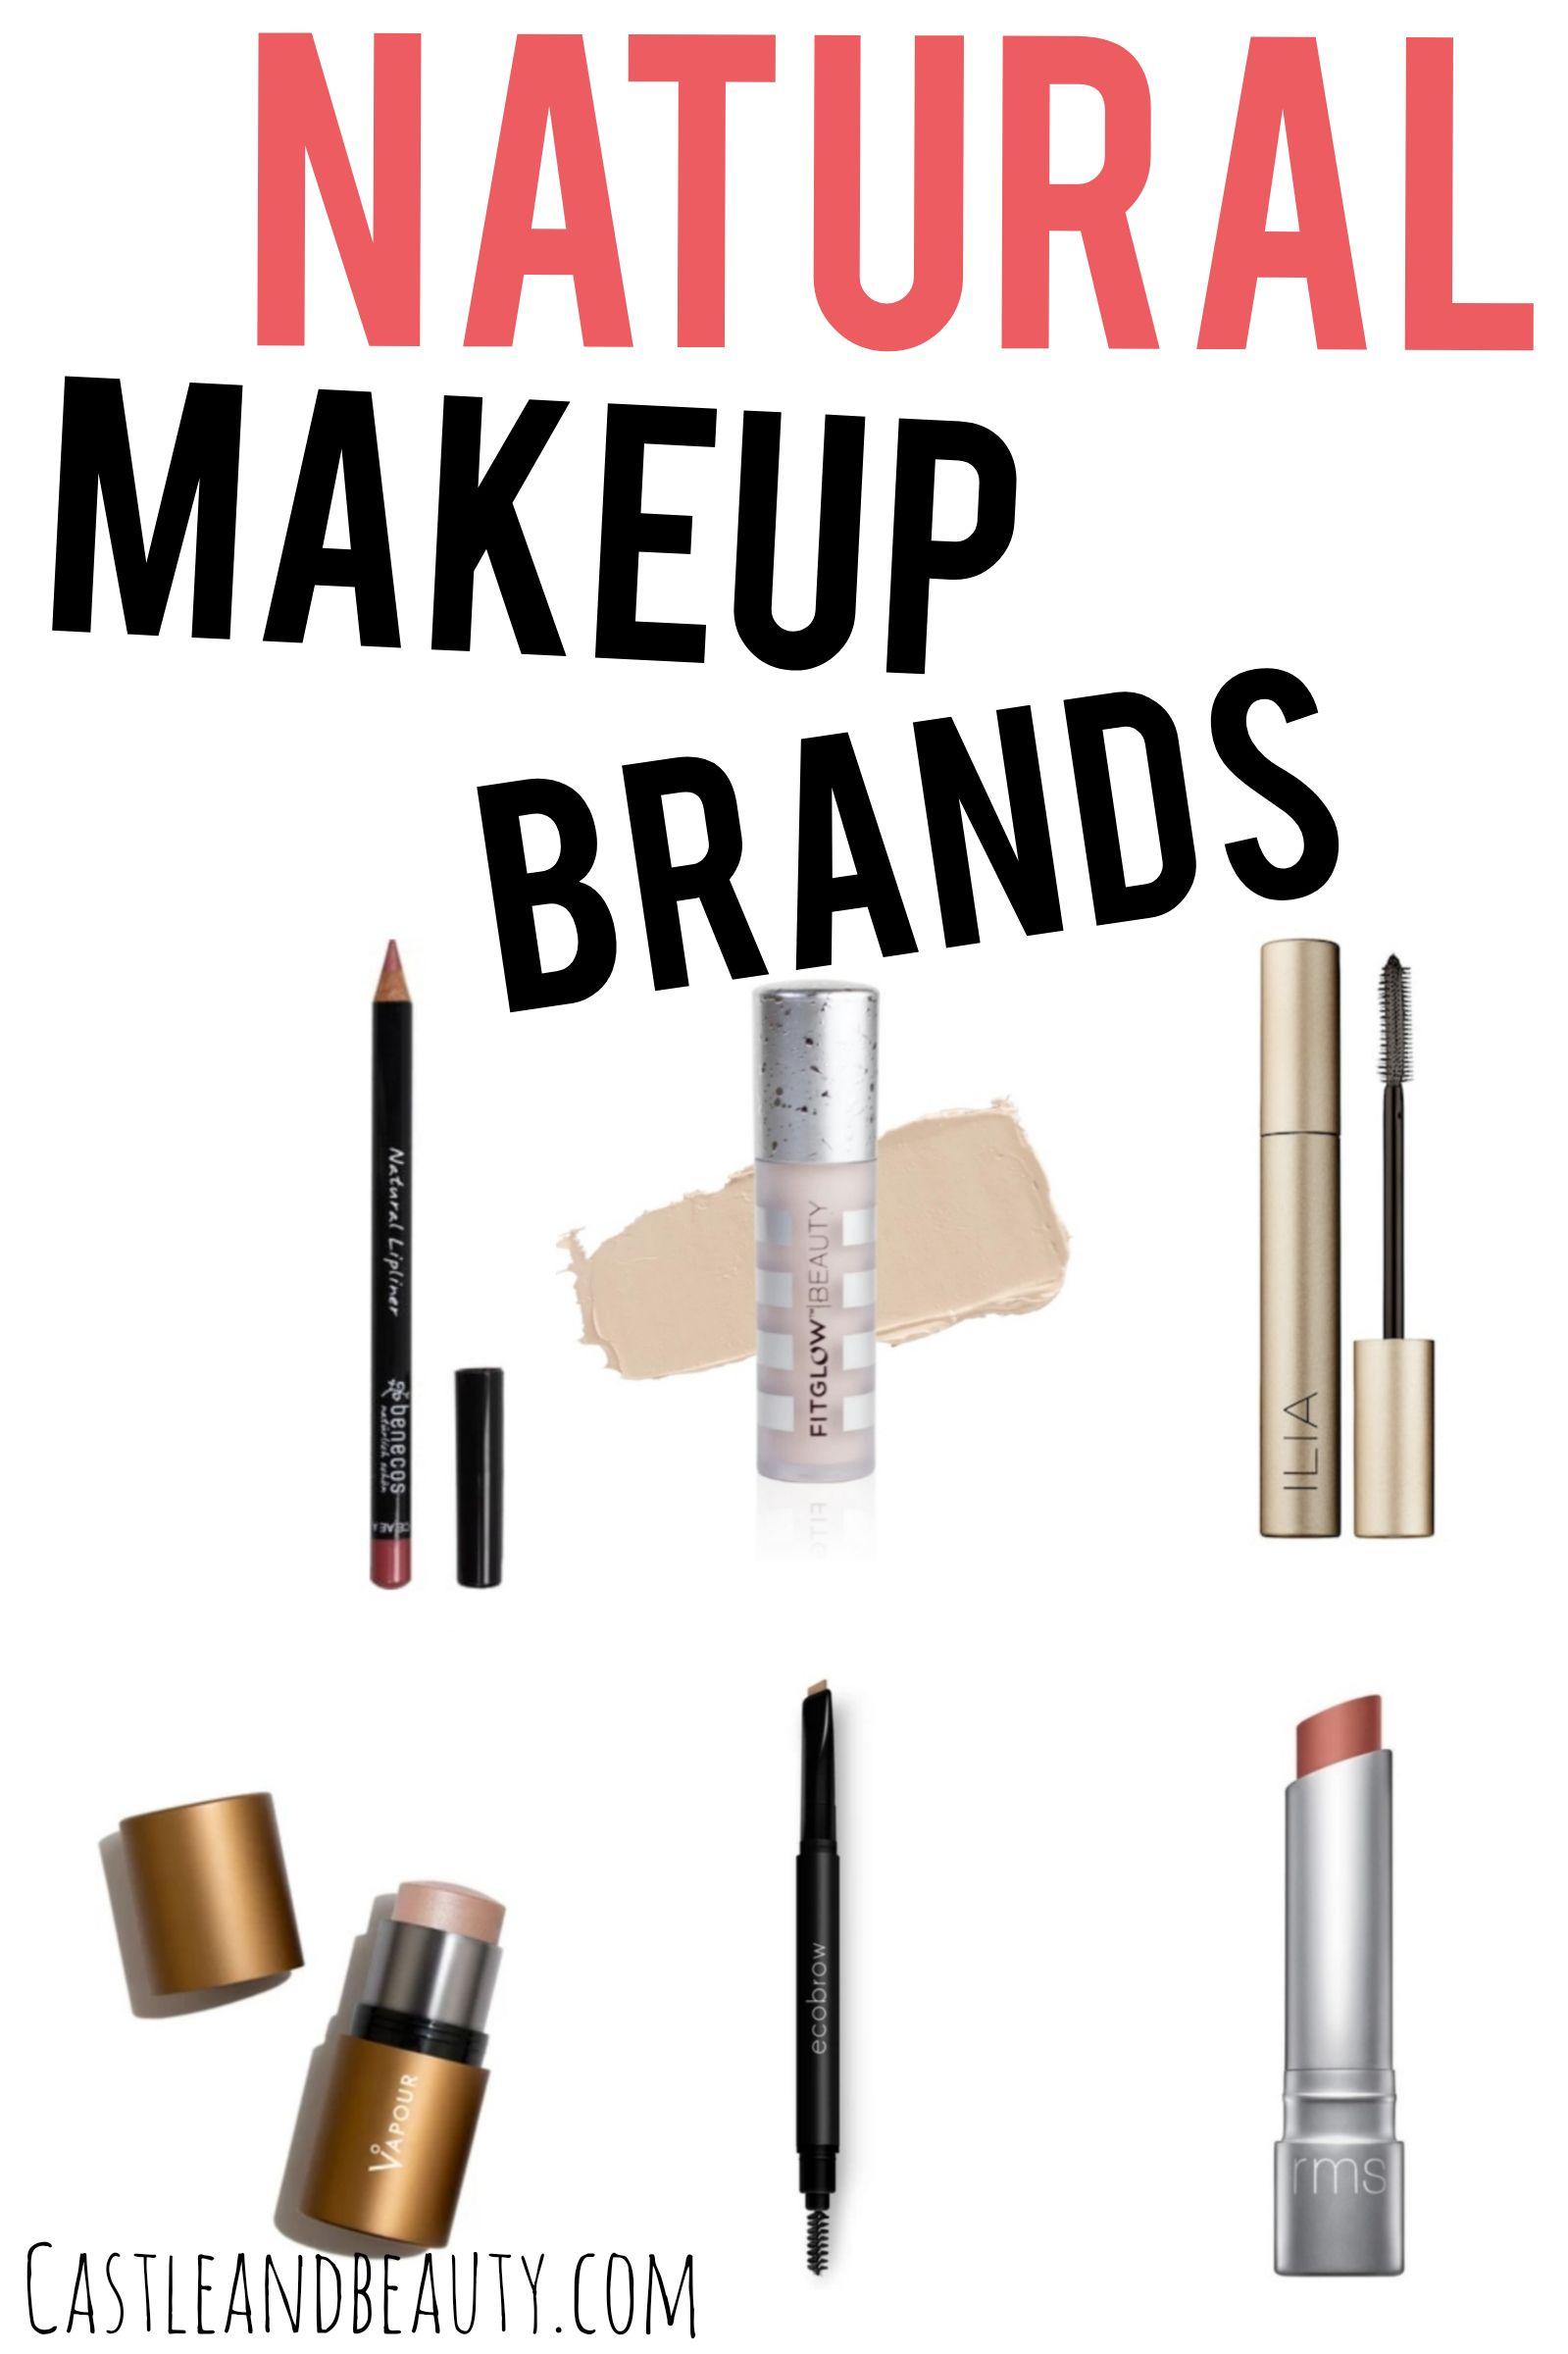 Best Natural Makeup Brands In 2020 Natural Makeup Brands Drugstore Makeup Dupes Foundation Natural Makeup